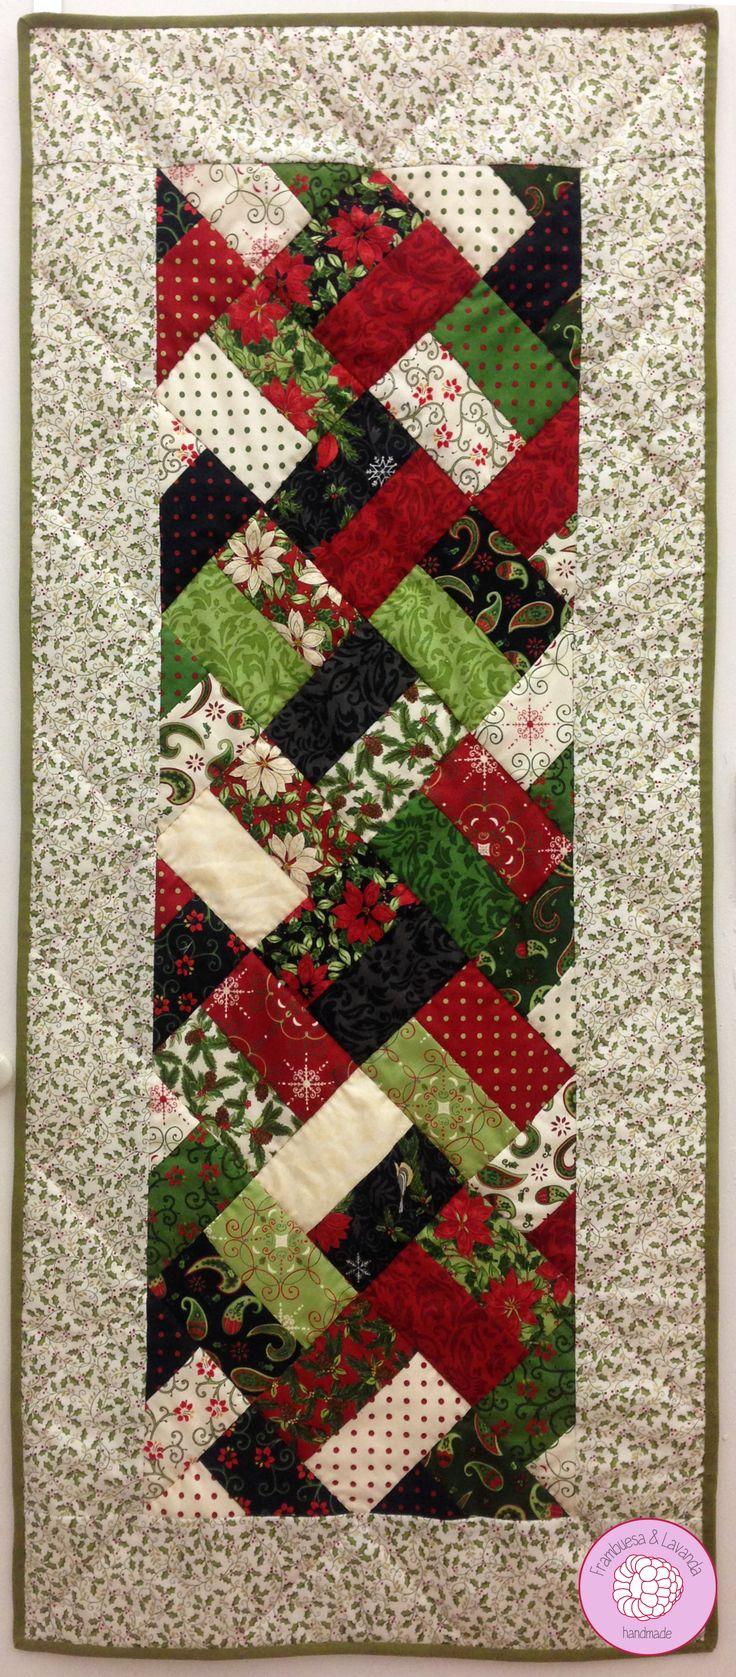 camino de mesa #patchwork #handmade #navidad                                                                                                                                                                                 Mais